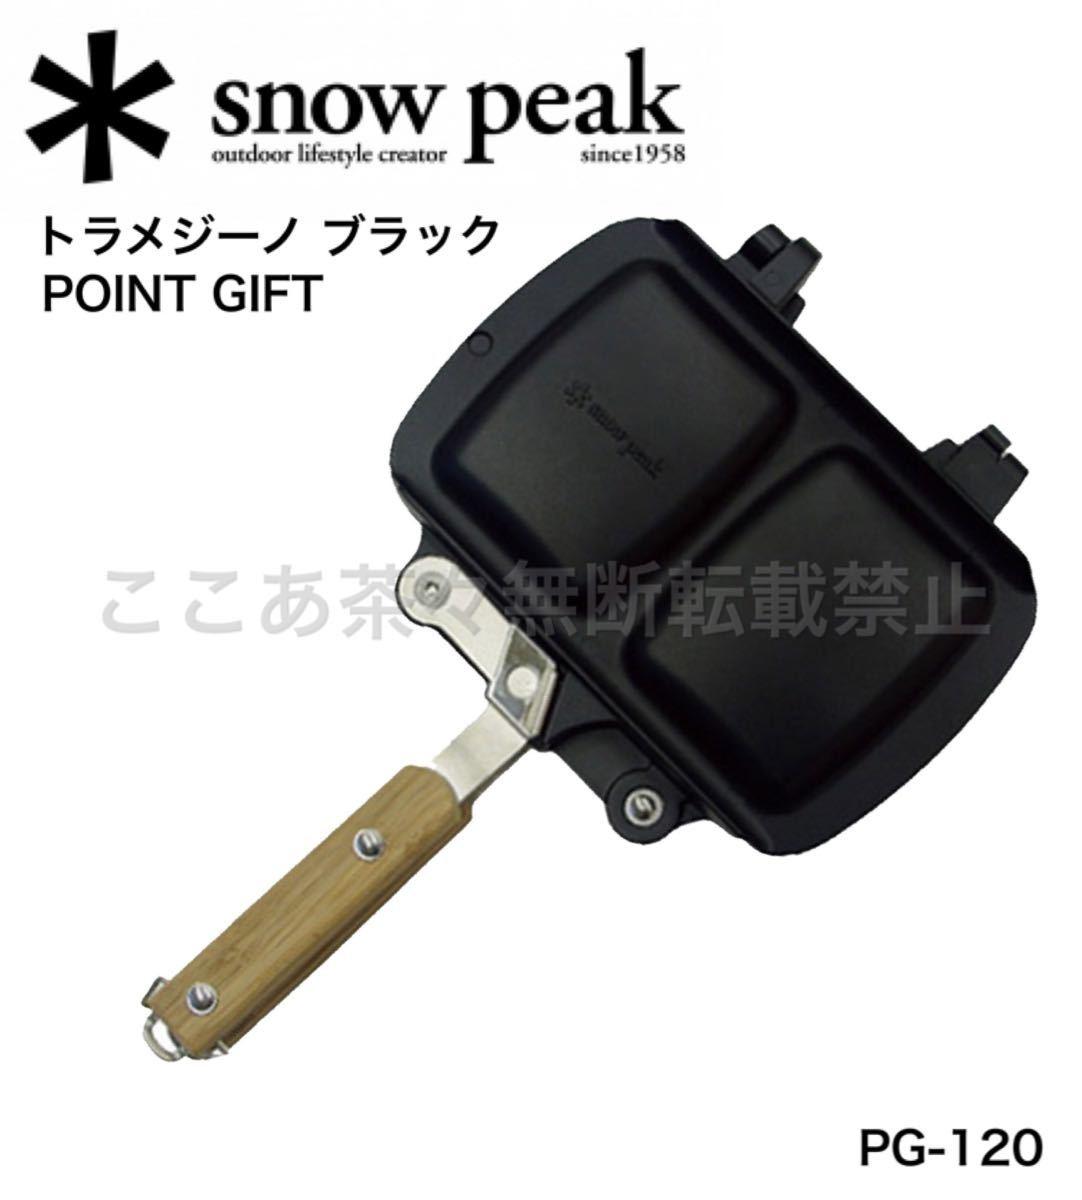 スノーピーク(snow peak)トラメジーノ ブラック ホットサンドクッカー